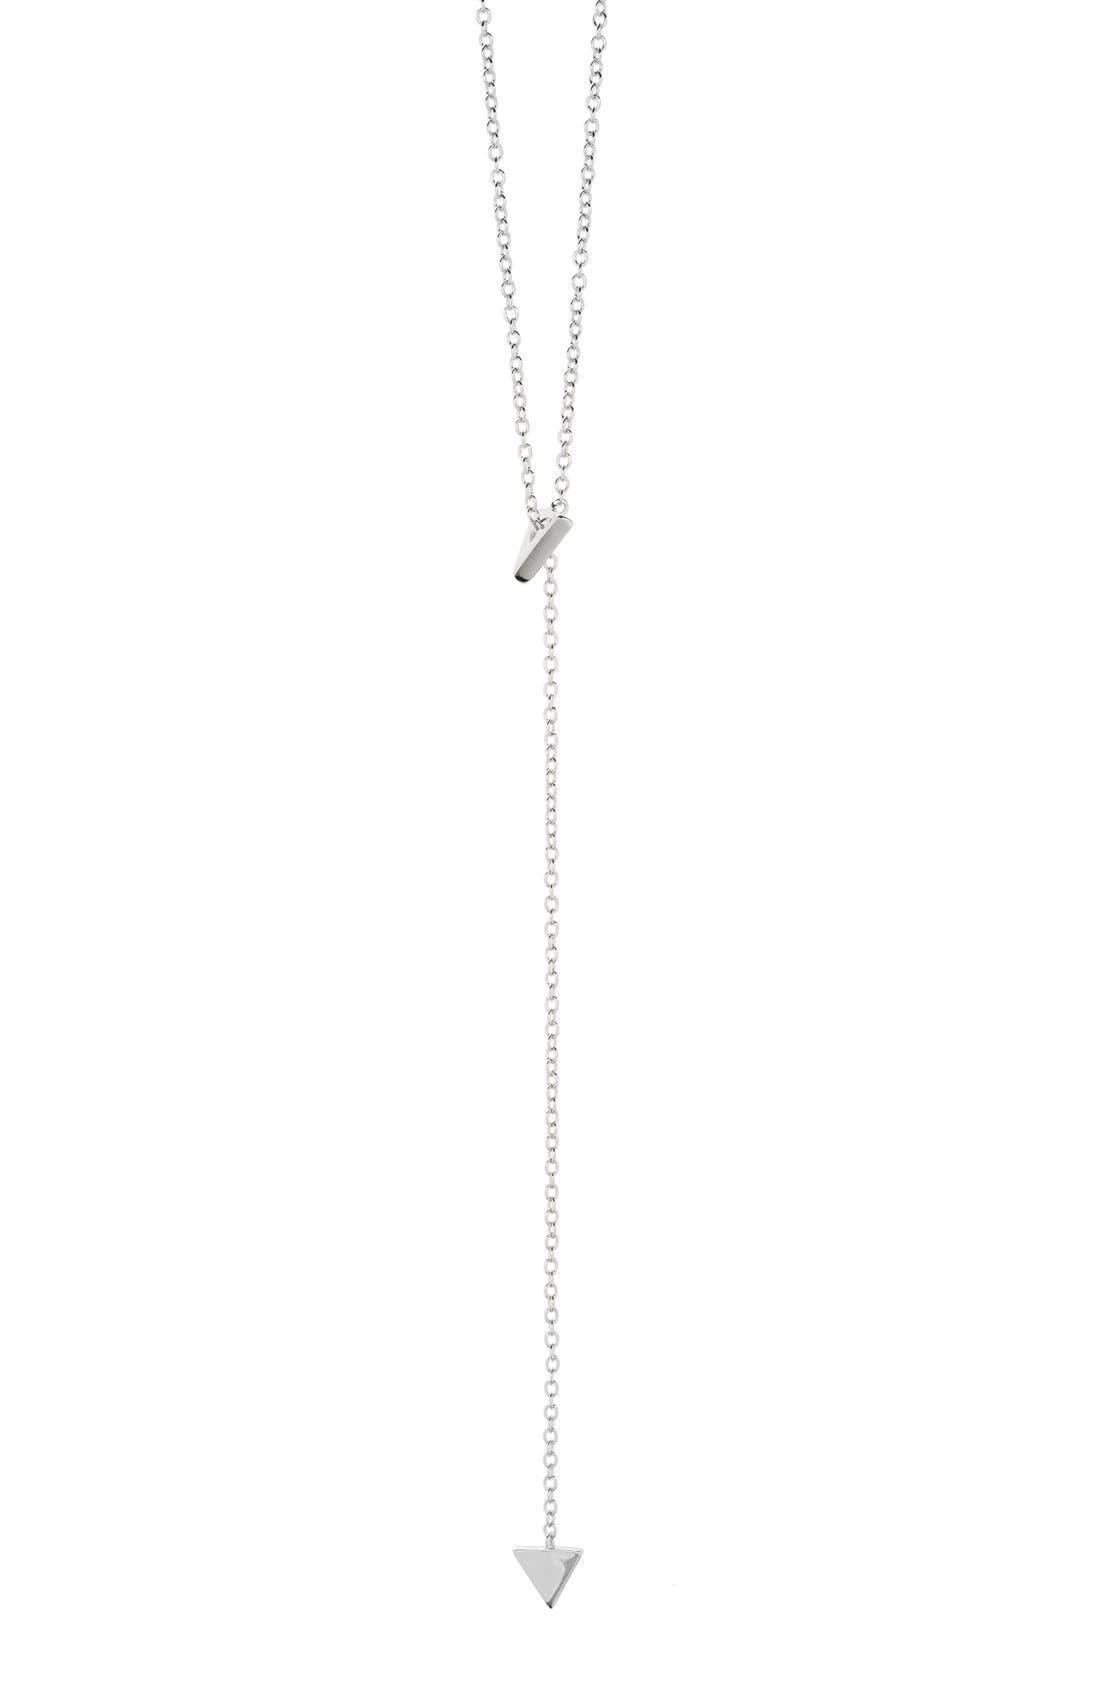 Main Image - gorjana 'Emory' Lariat Necklace